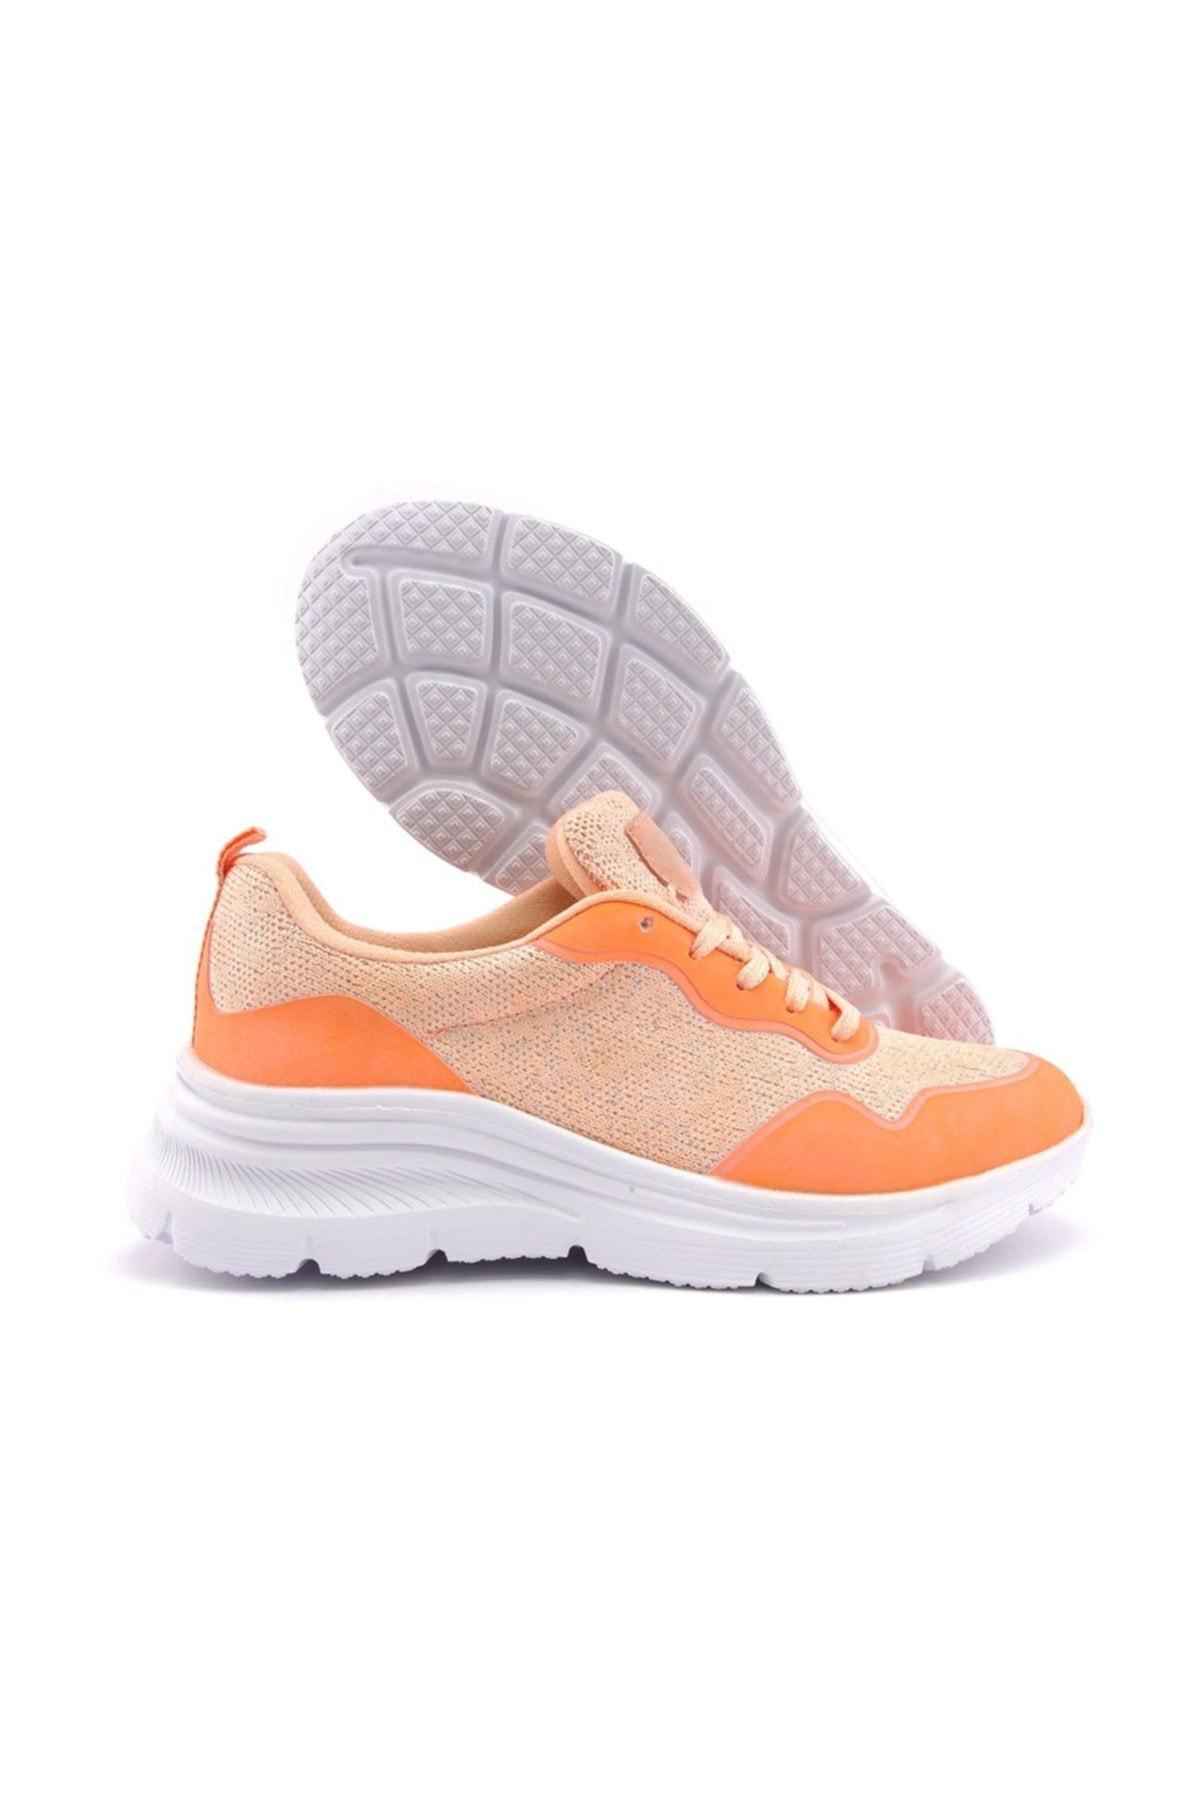 LETOON Kadın Günlük Ayakkabı - Pudra Simli 2054 1